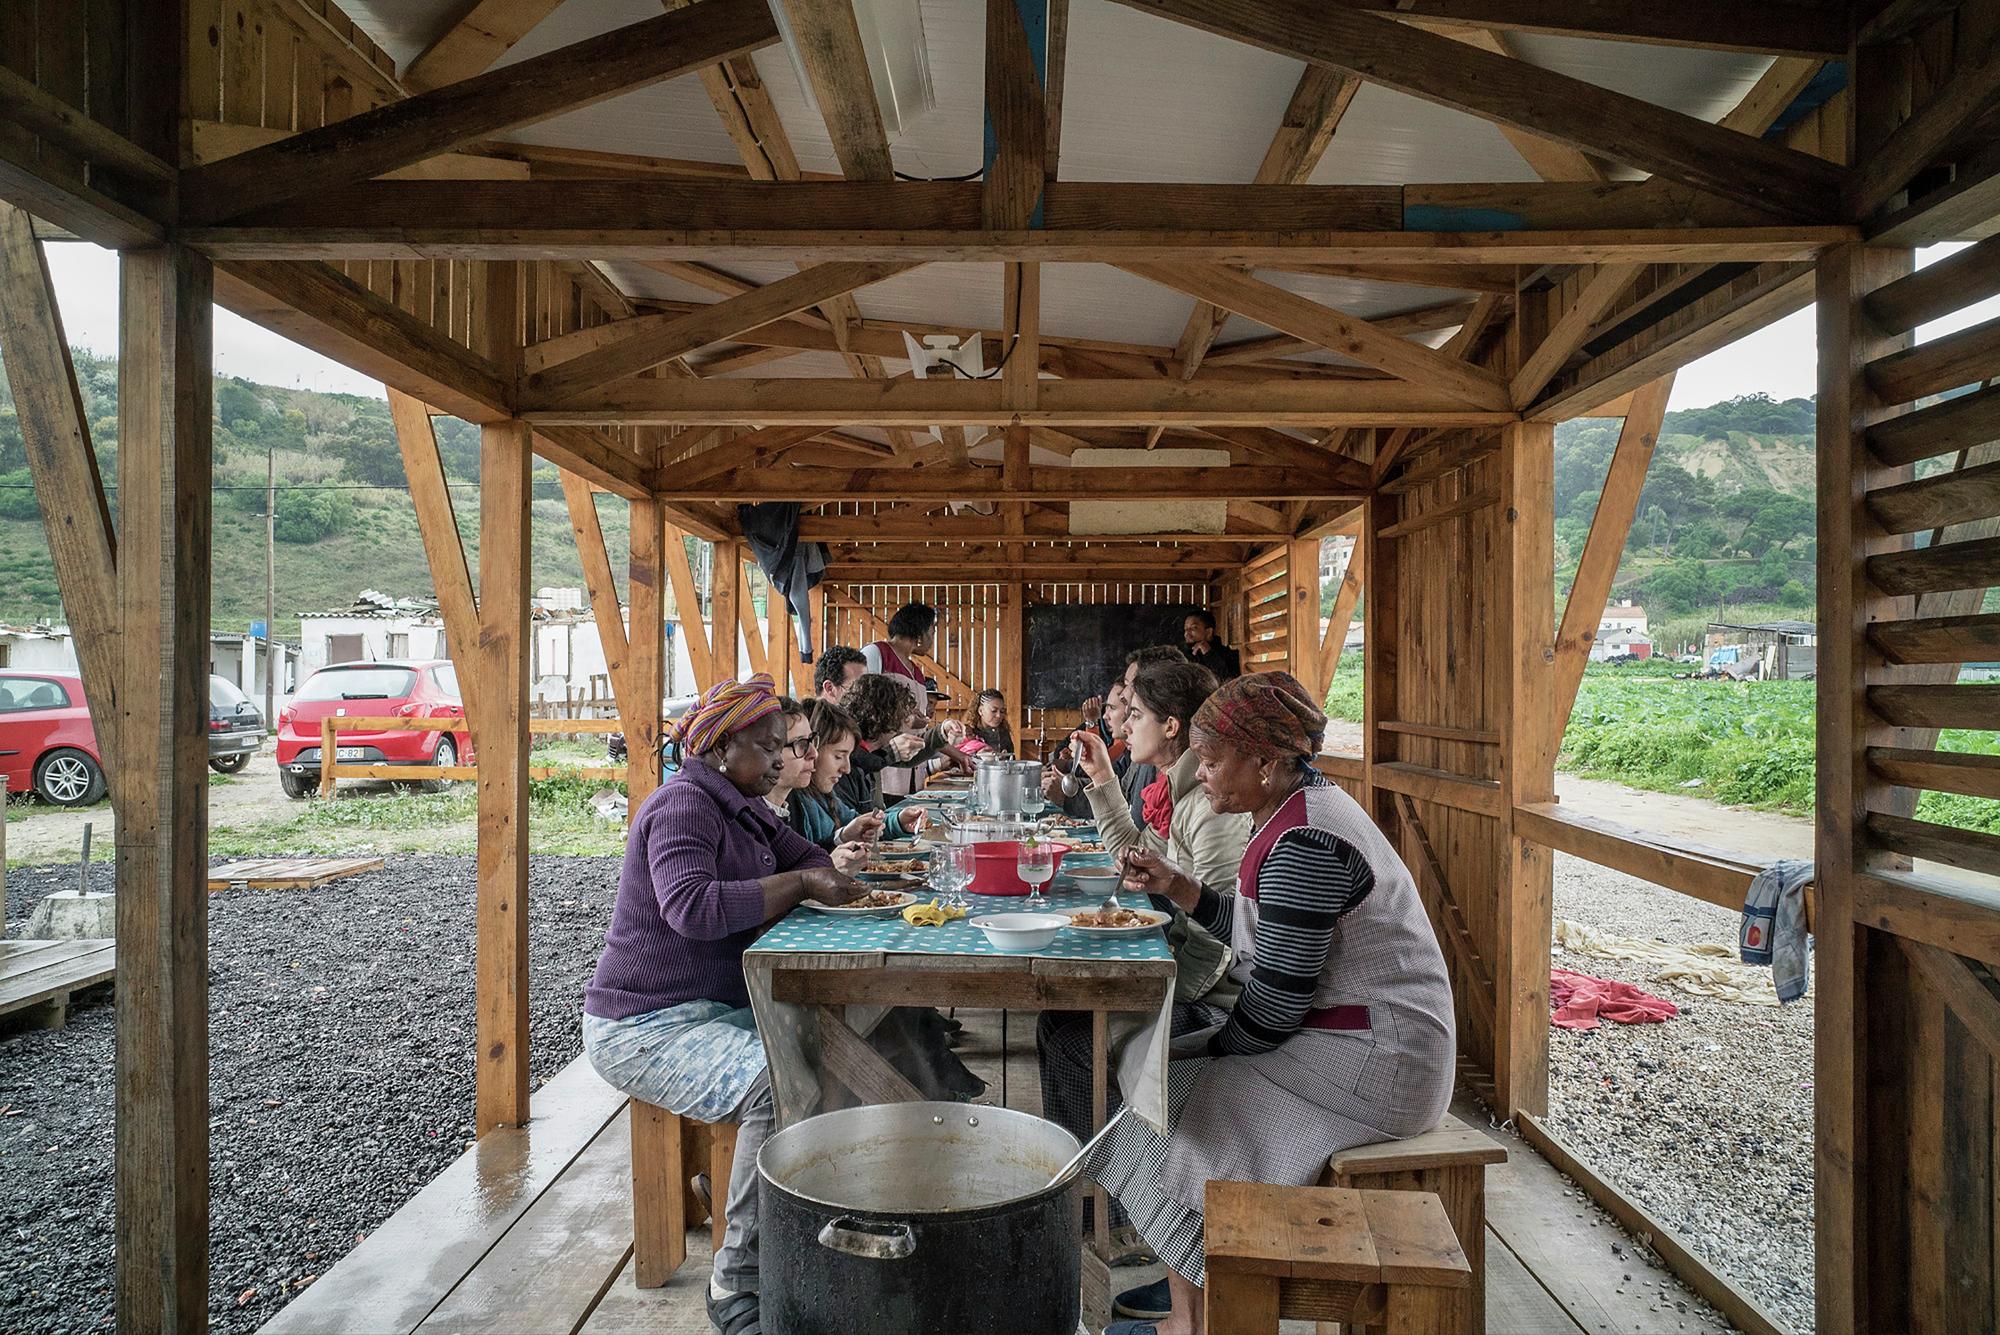 Galeria de Cozinha Comunitária das Terras da Costa / ateliermob  #8B5F40 2000 1335